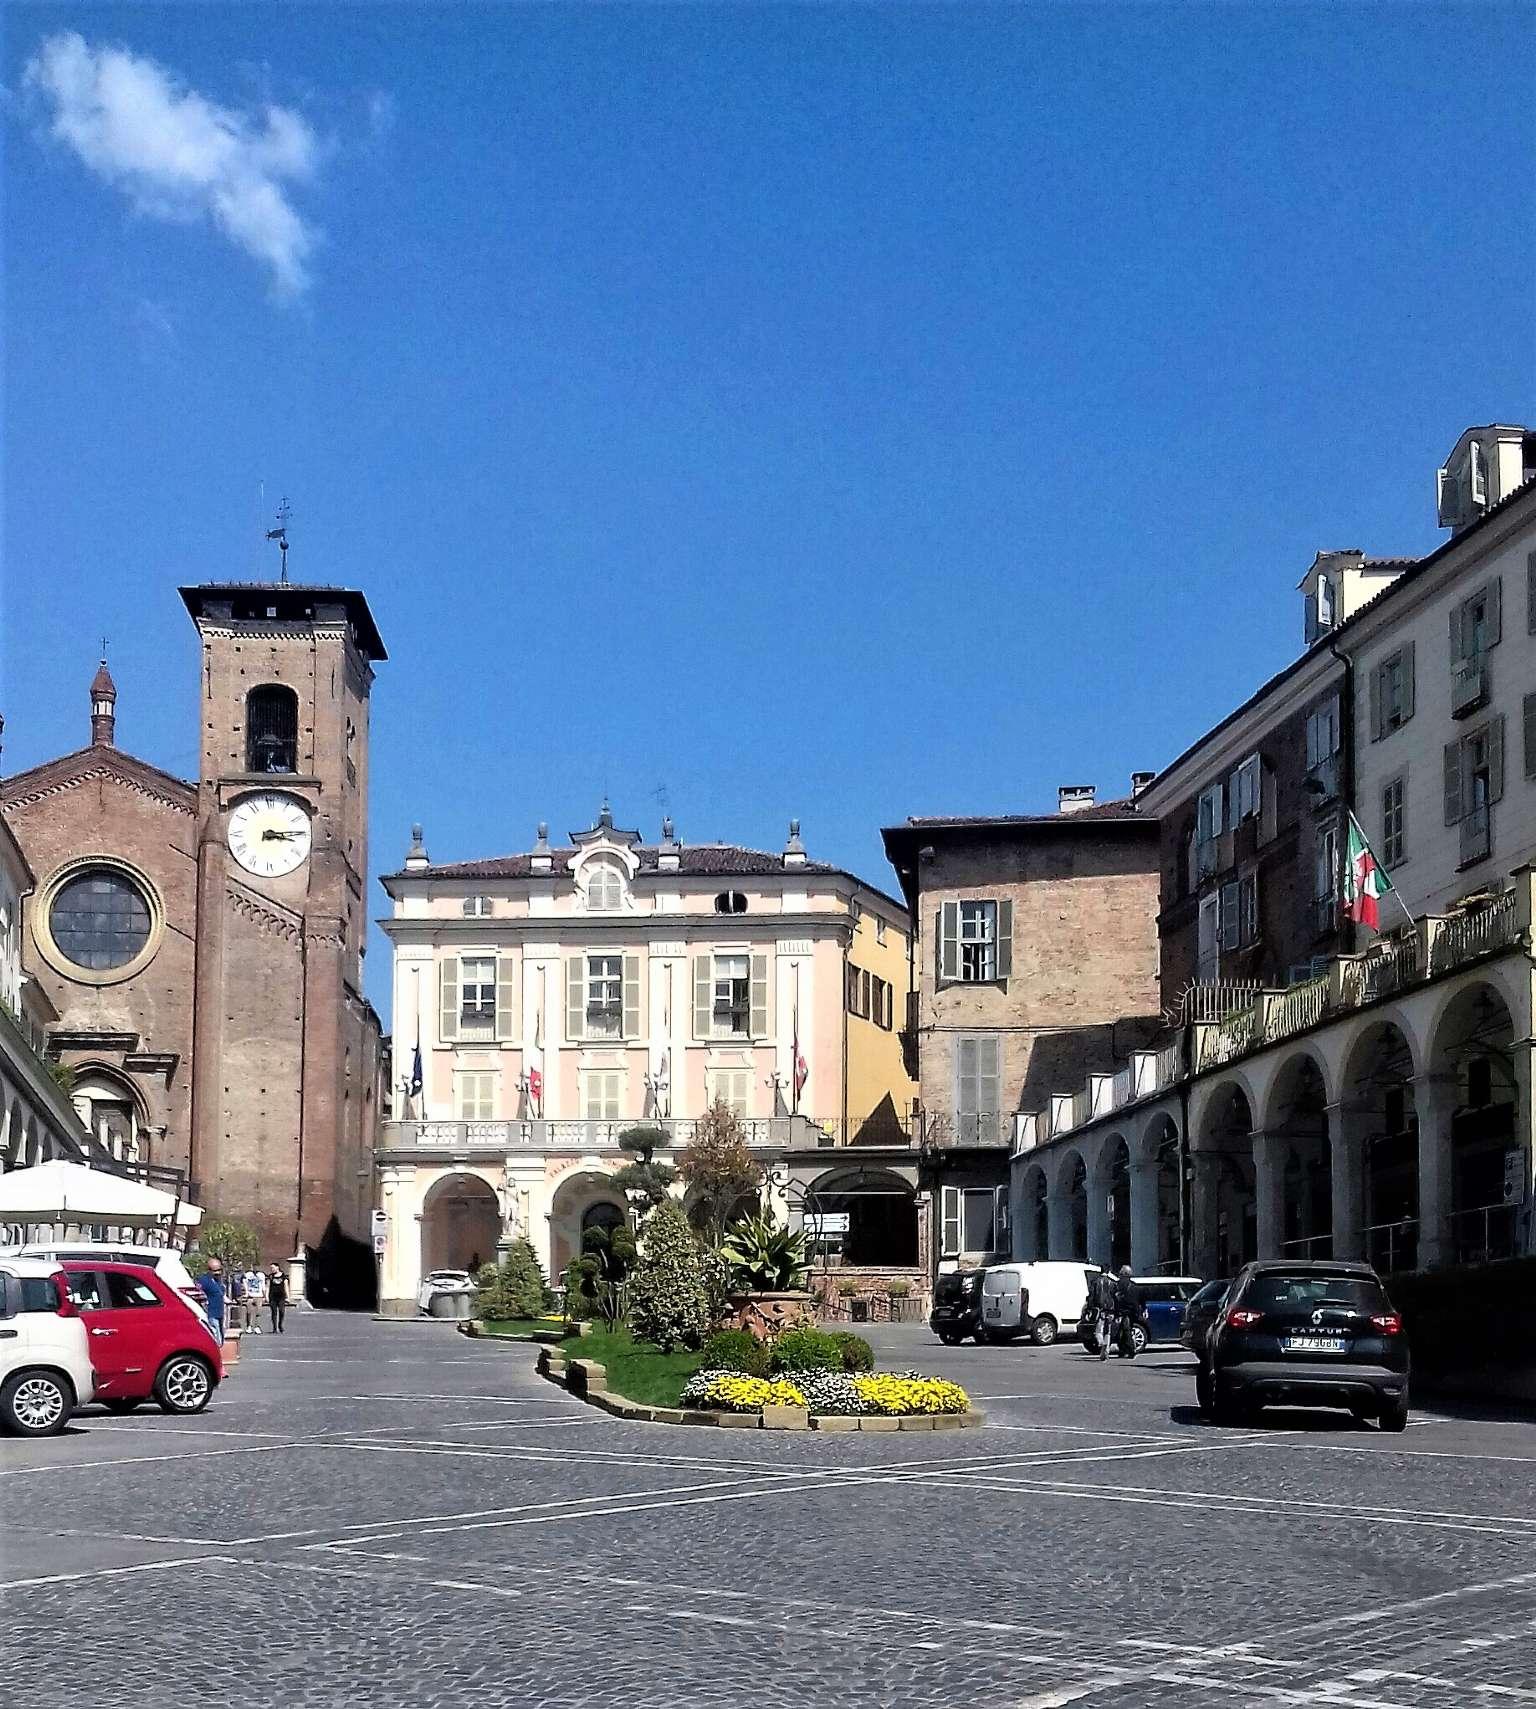 Negozio / Locale in affitto a Moncalieri, 6 locali, prezzo € 1.800 | PortaleAgenzieImmobiliari.it